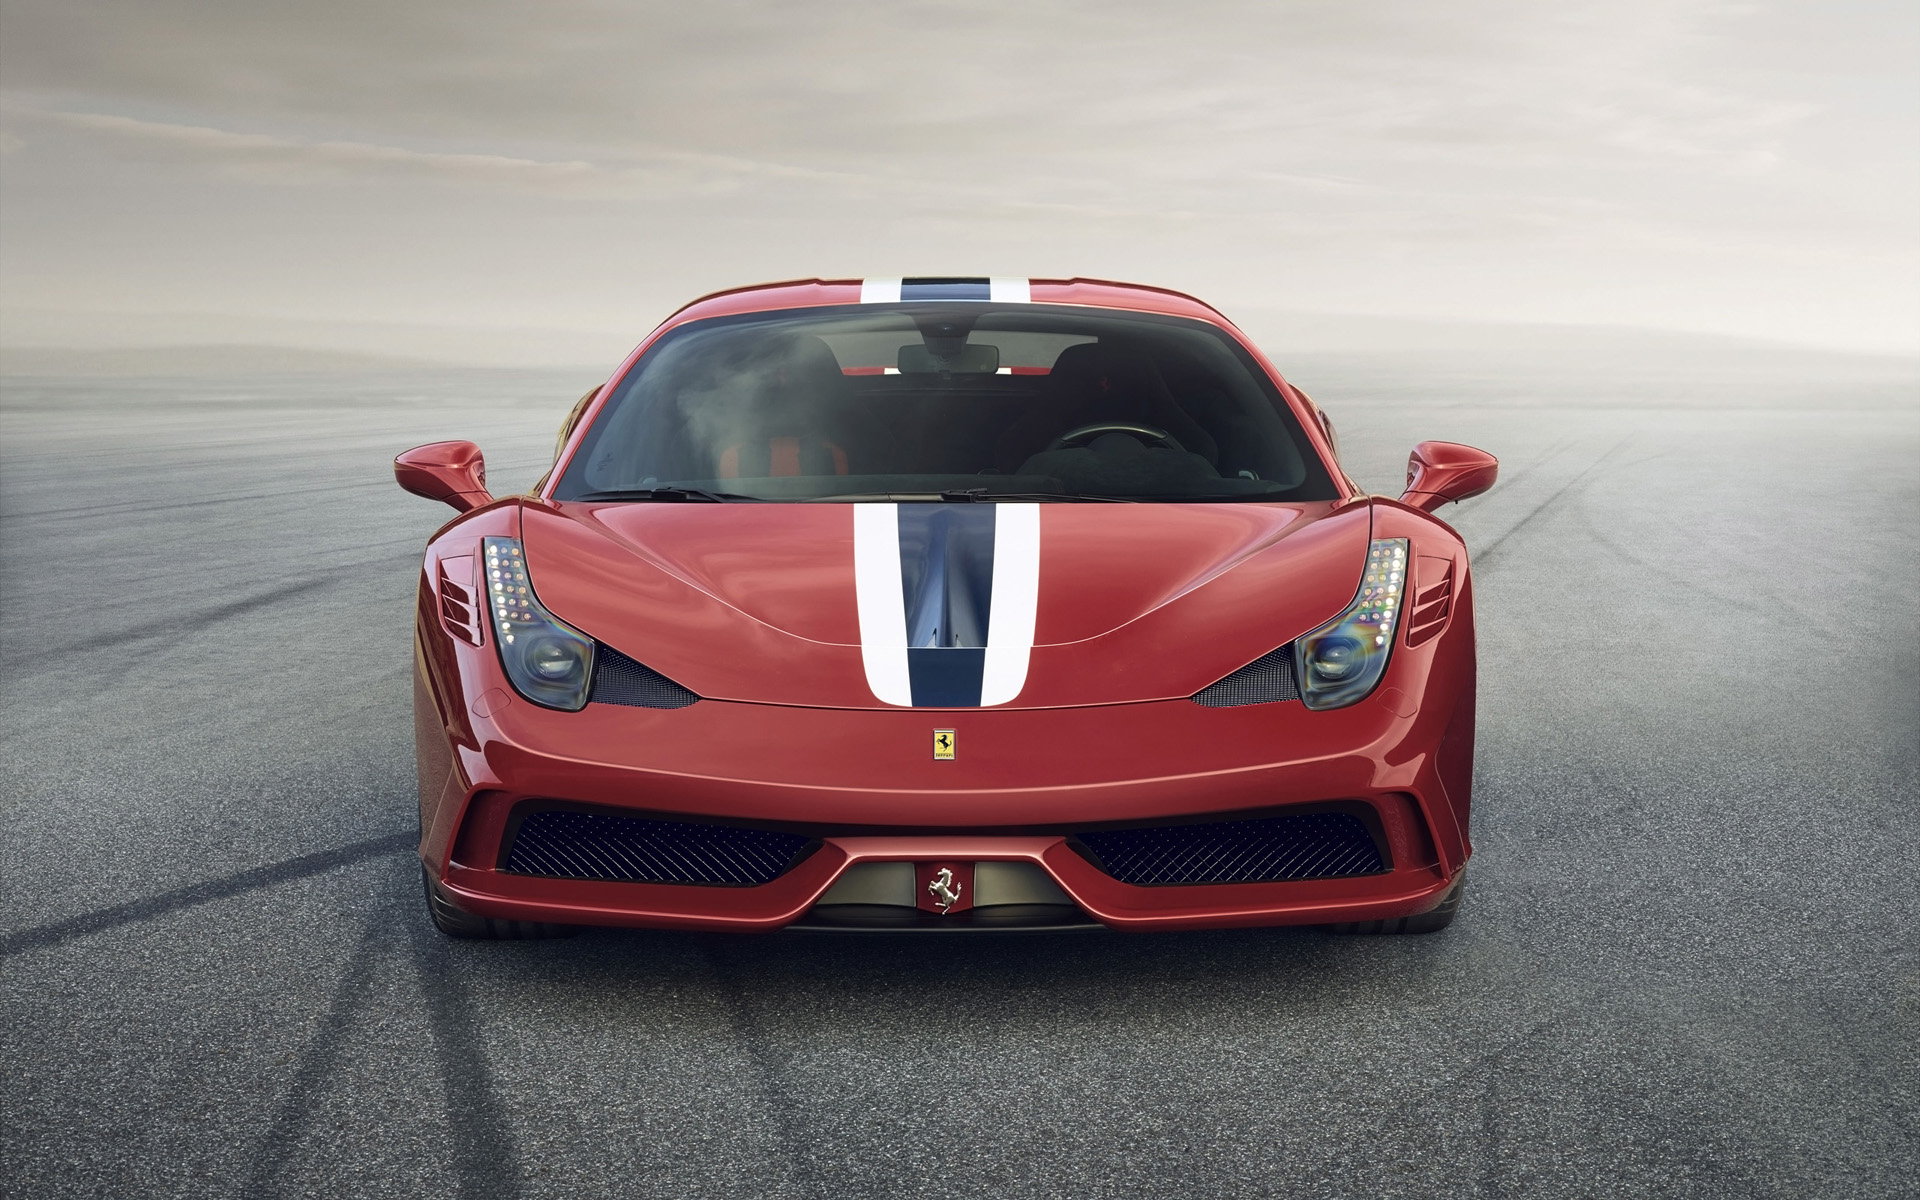 2014-Ferrari-458-Speciale-Luxury-Auto (7)